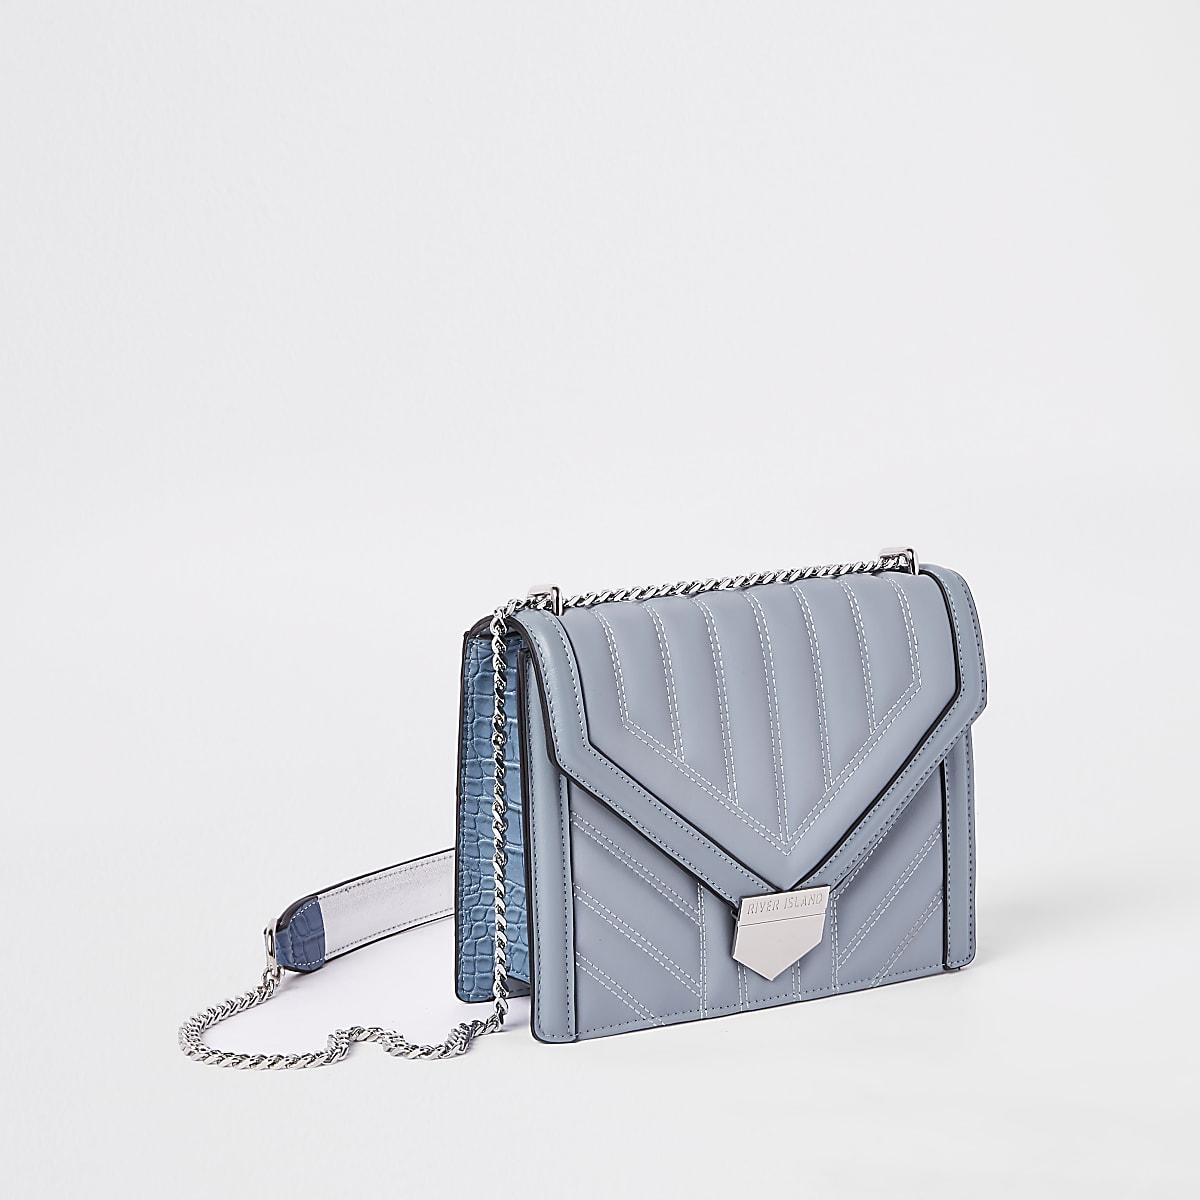 Blauwe gewatteerde crossbodytas